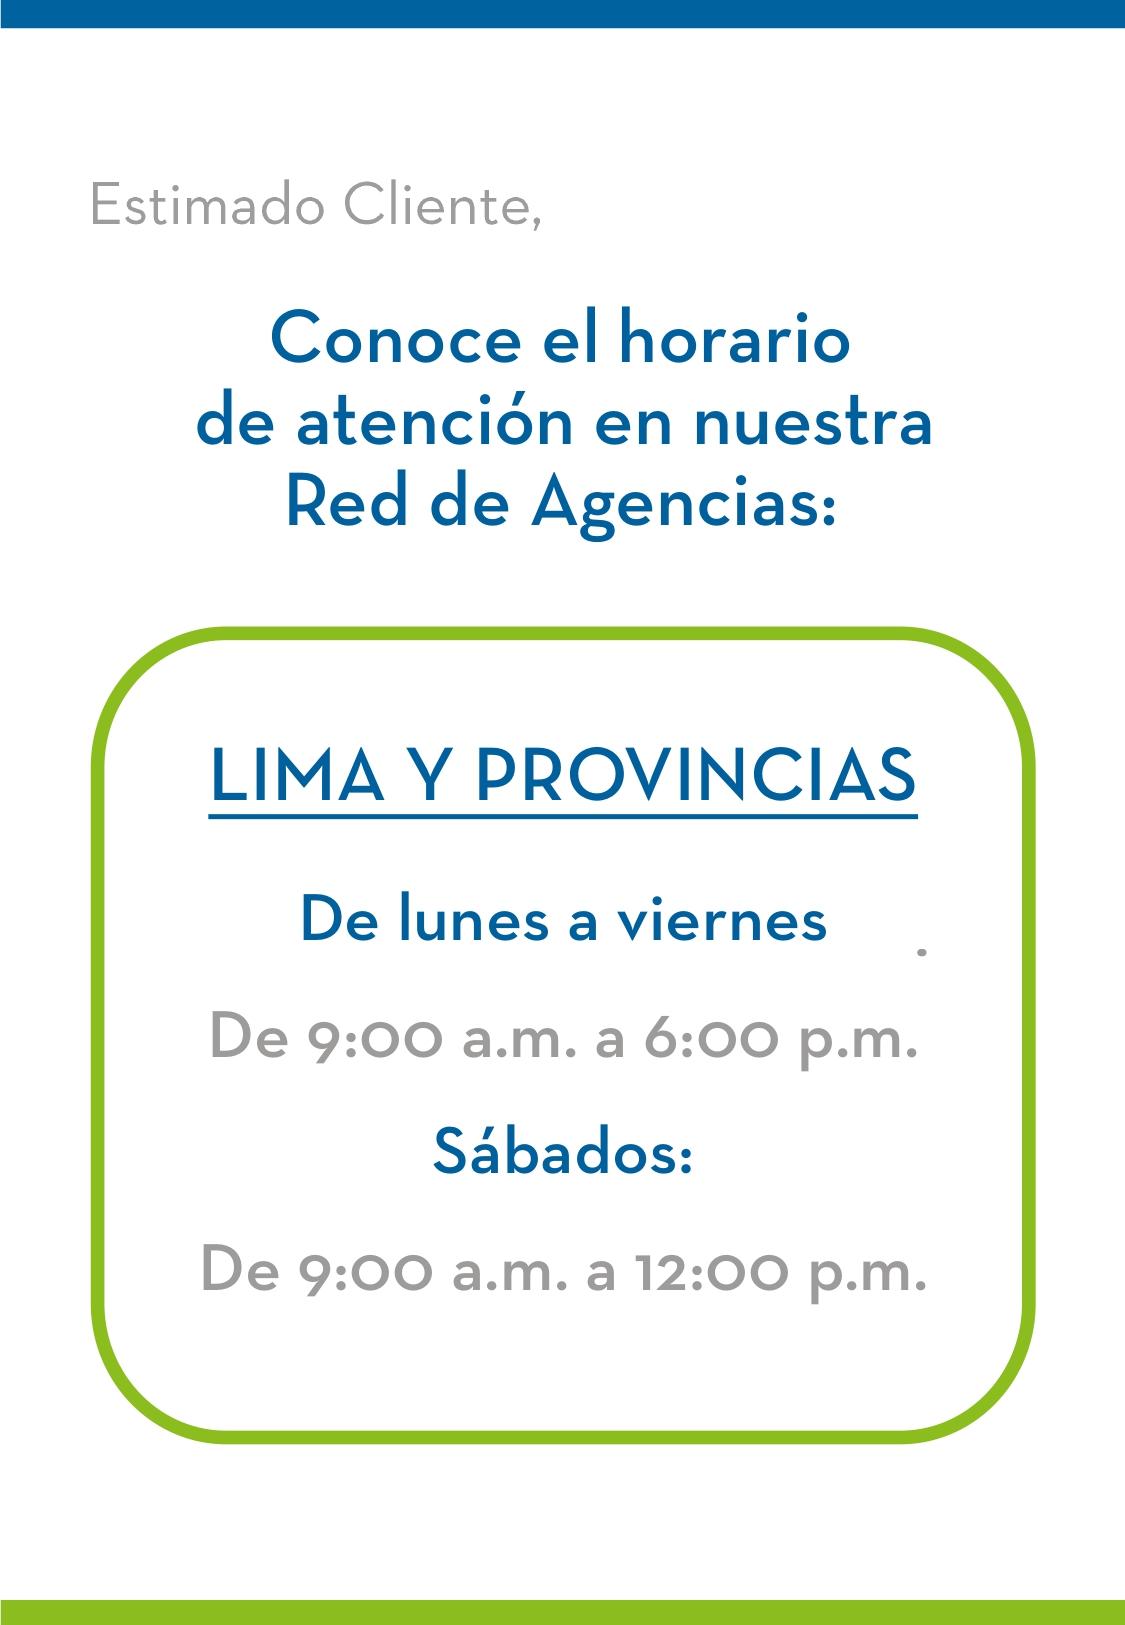 GNB Peru. Conoce nuestro horario de Atención regular: Lima Y Provincias